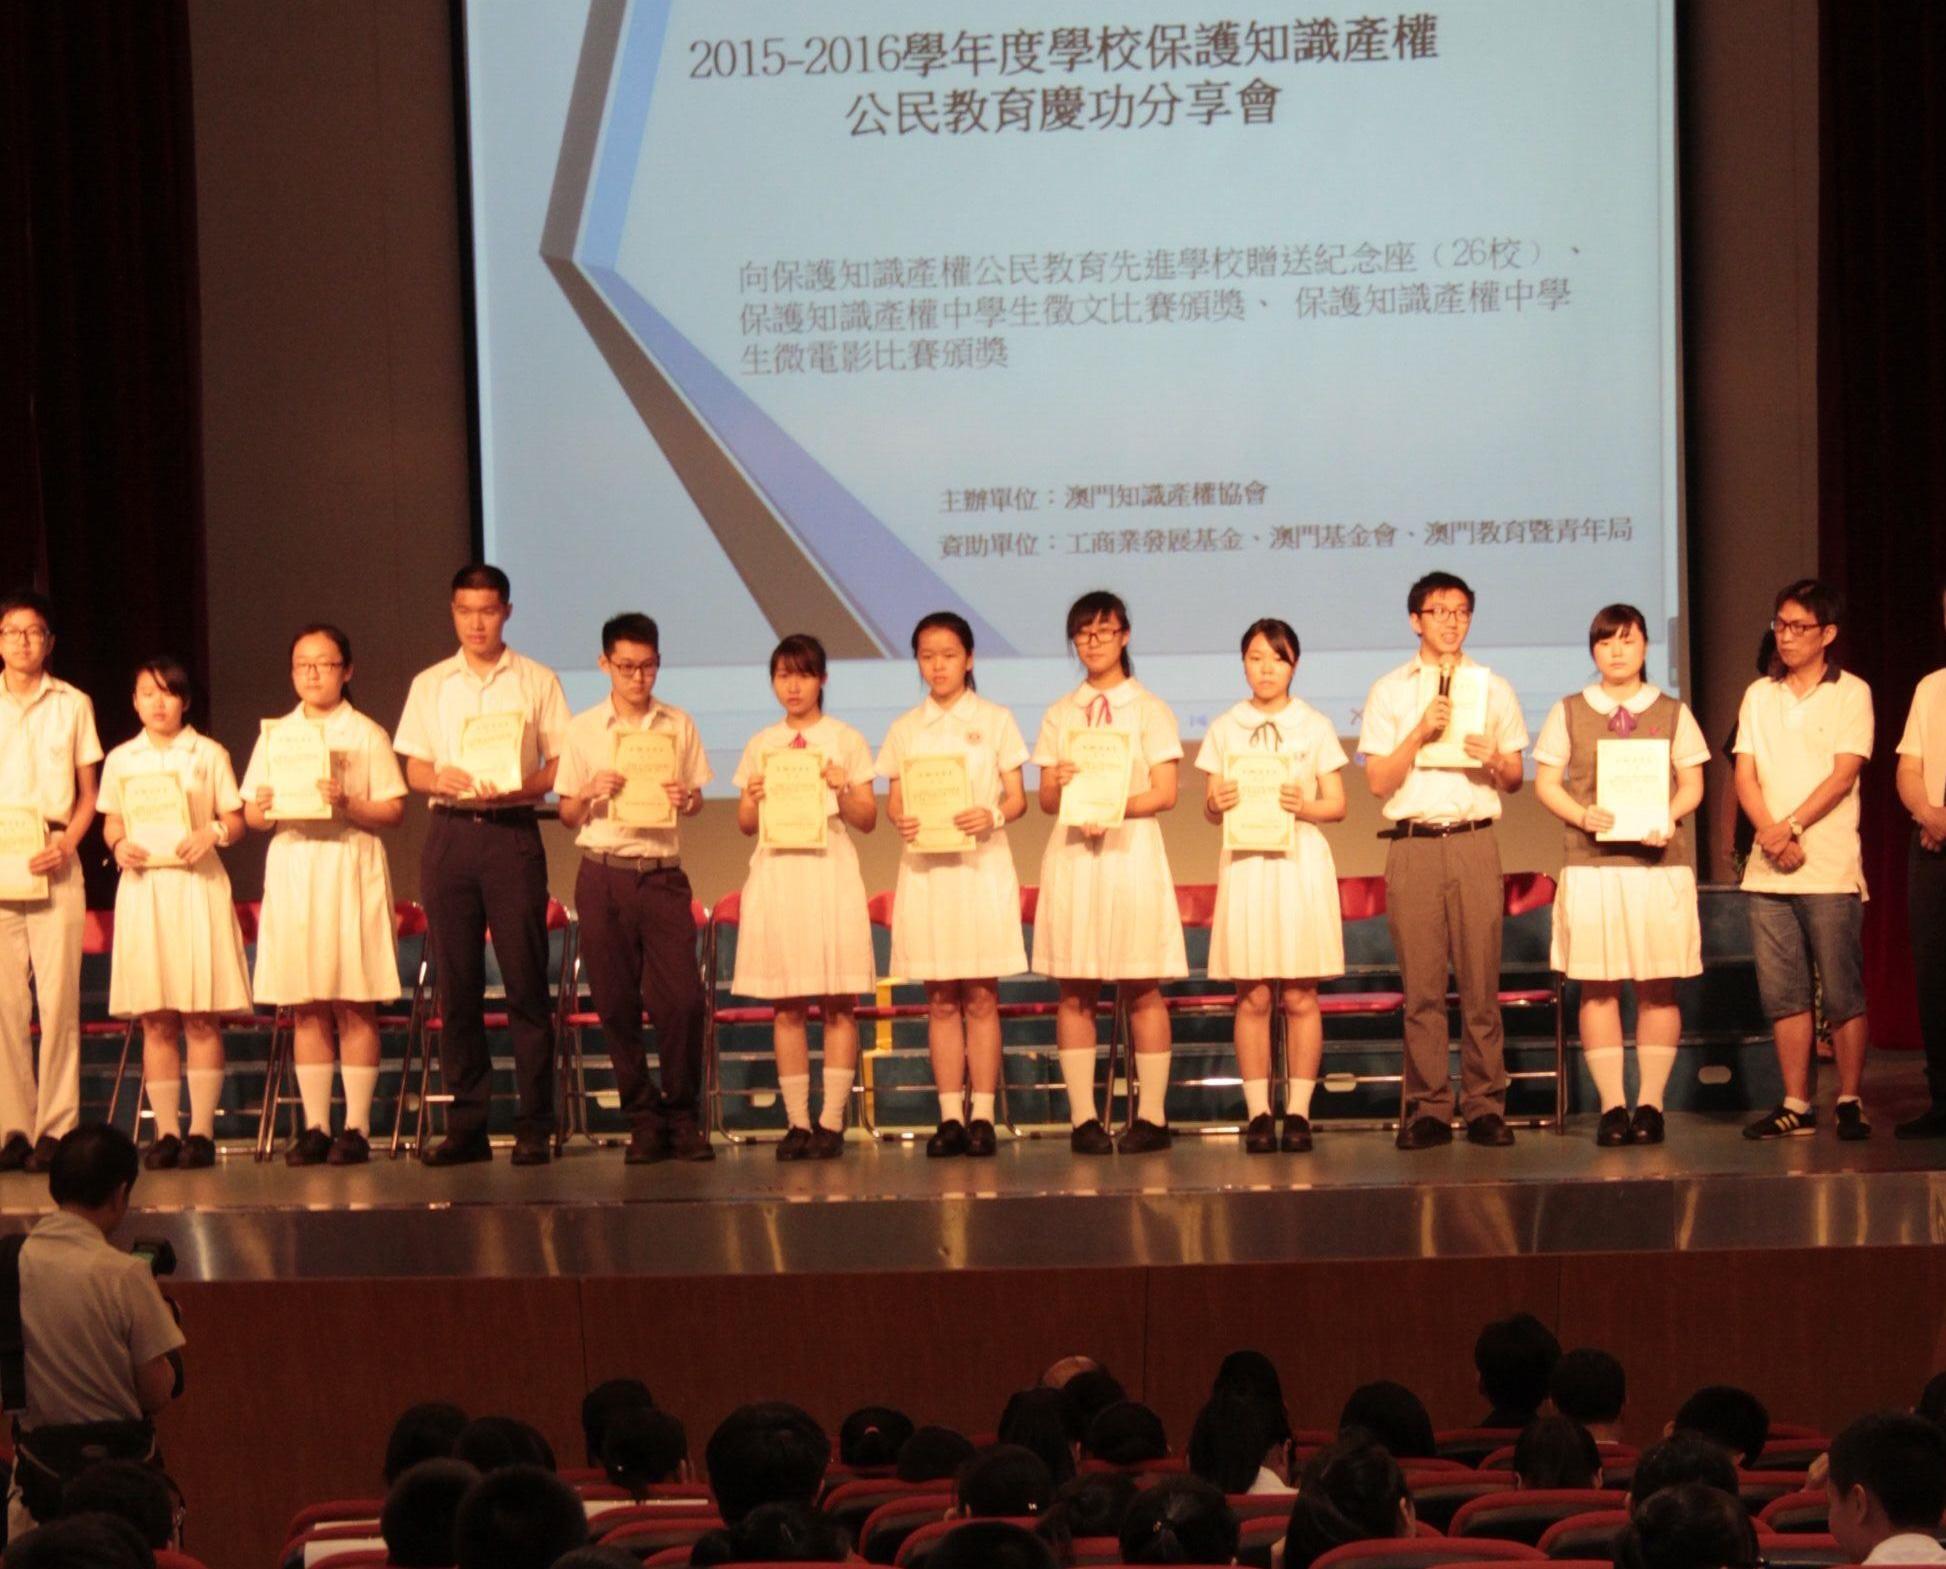 團體向逾200學生頒發獎狀